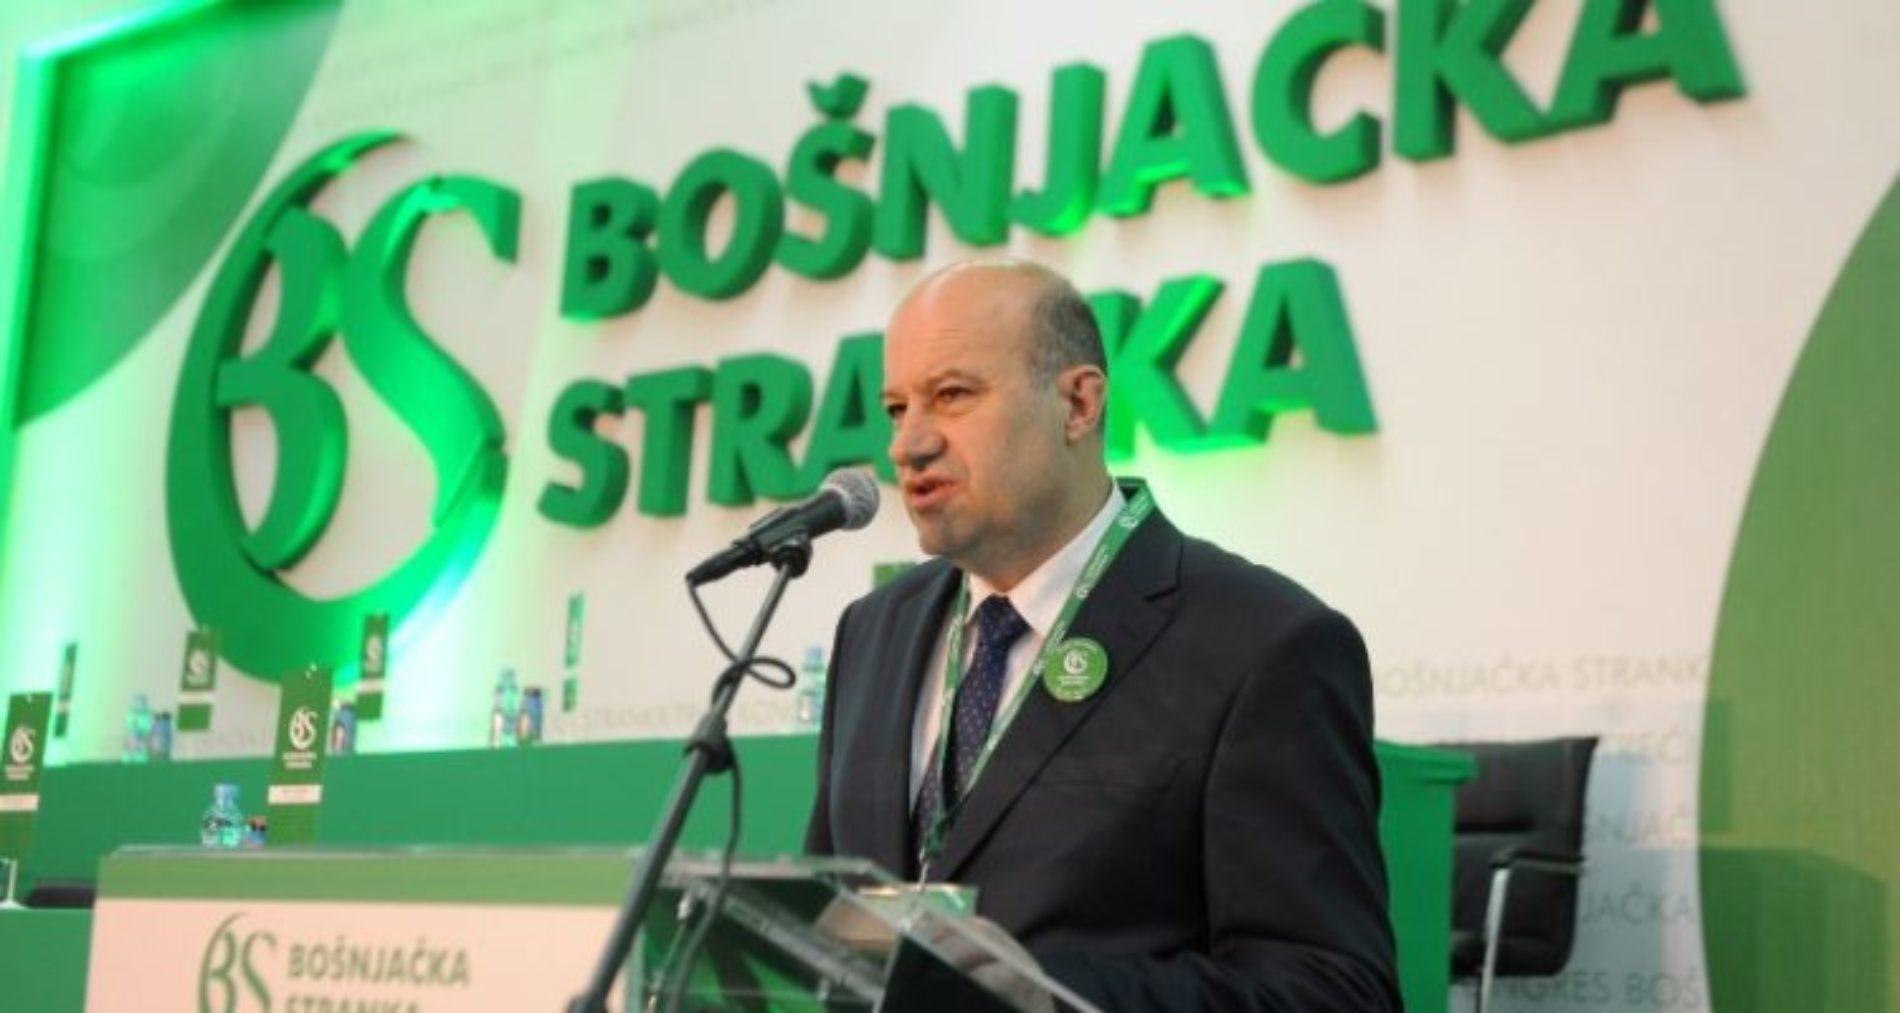 Bošnjačka stranka uputila izvinjenje Crnogorcima; prethodno ih nazvali malom nacijom a Njegoša genocidnim piscem